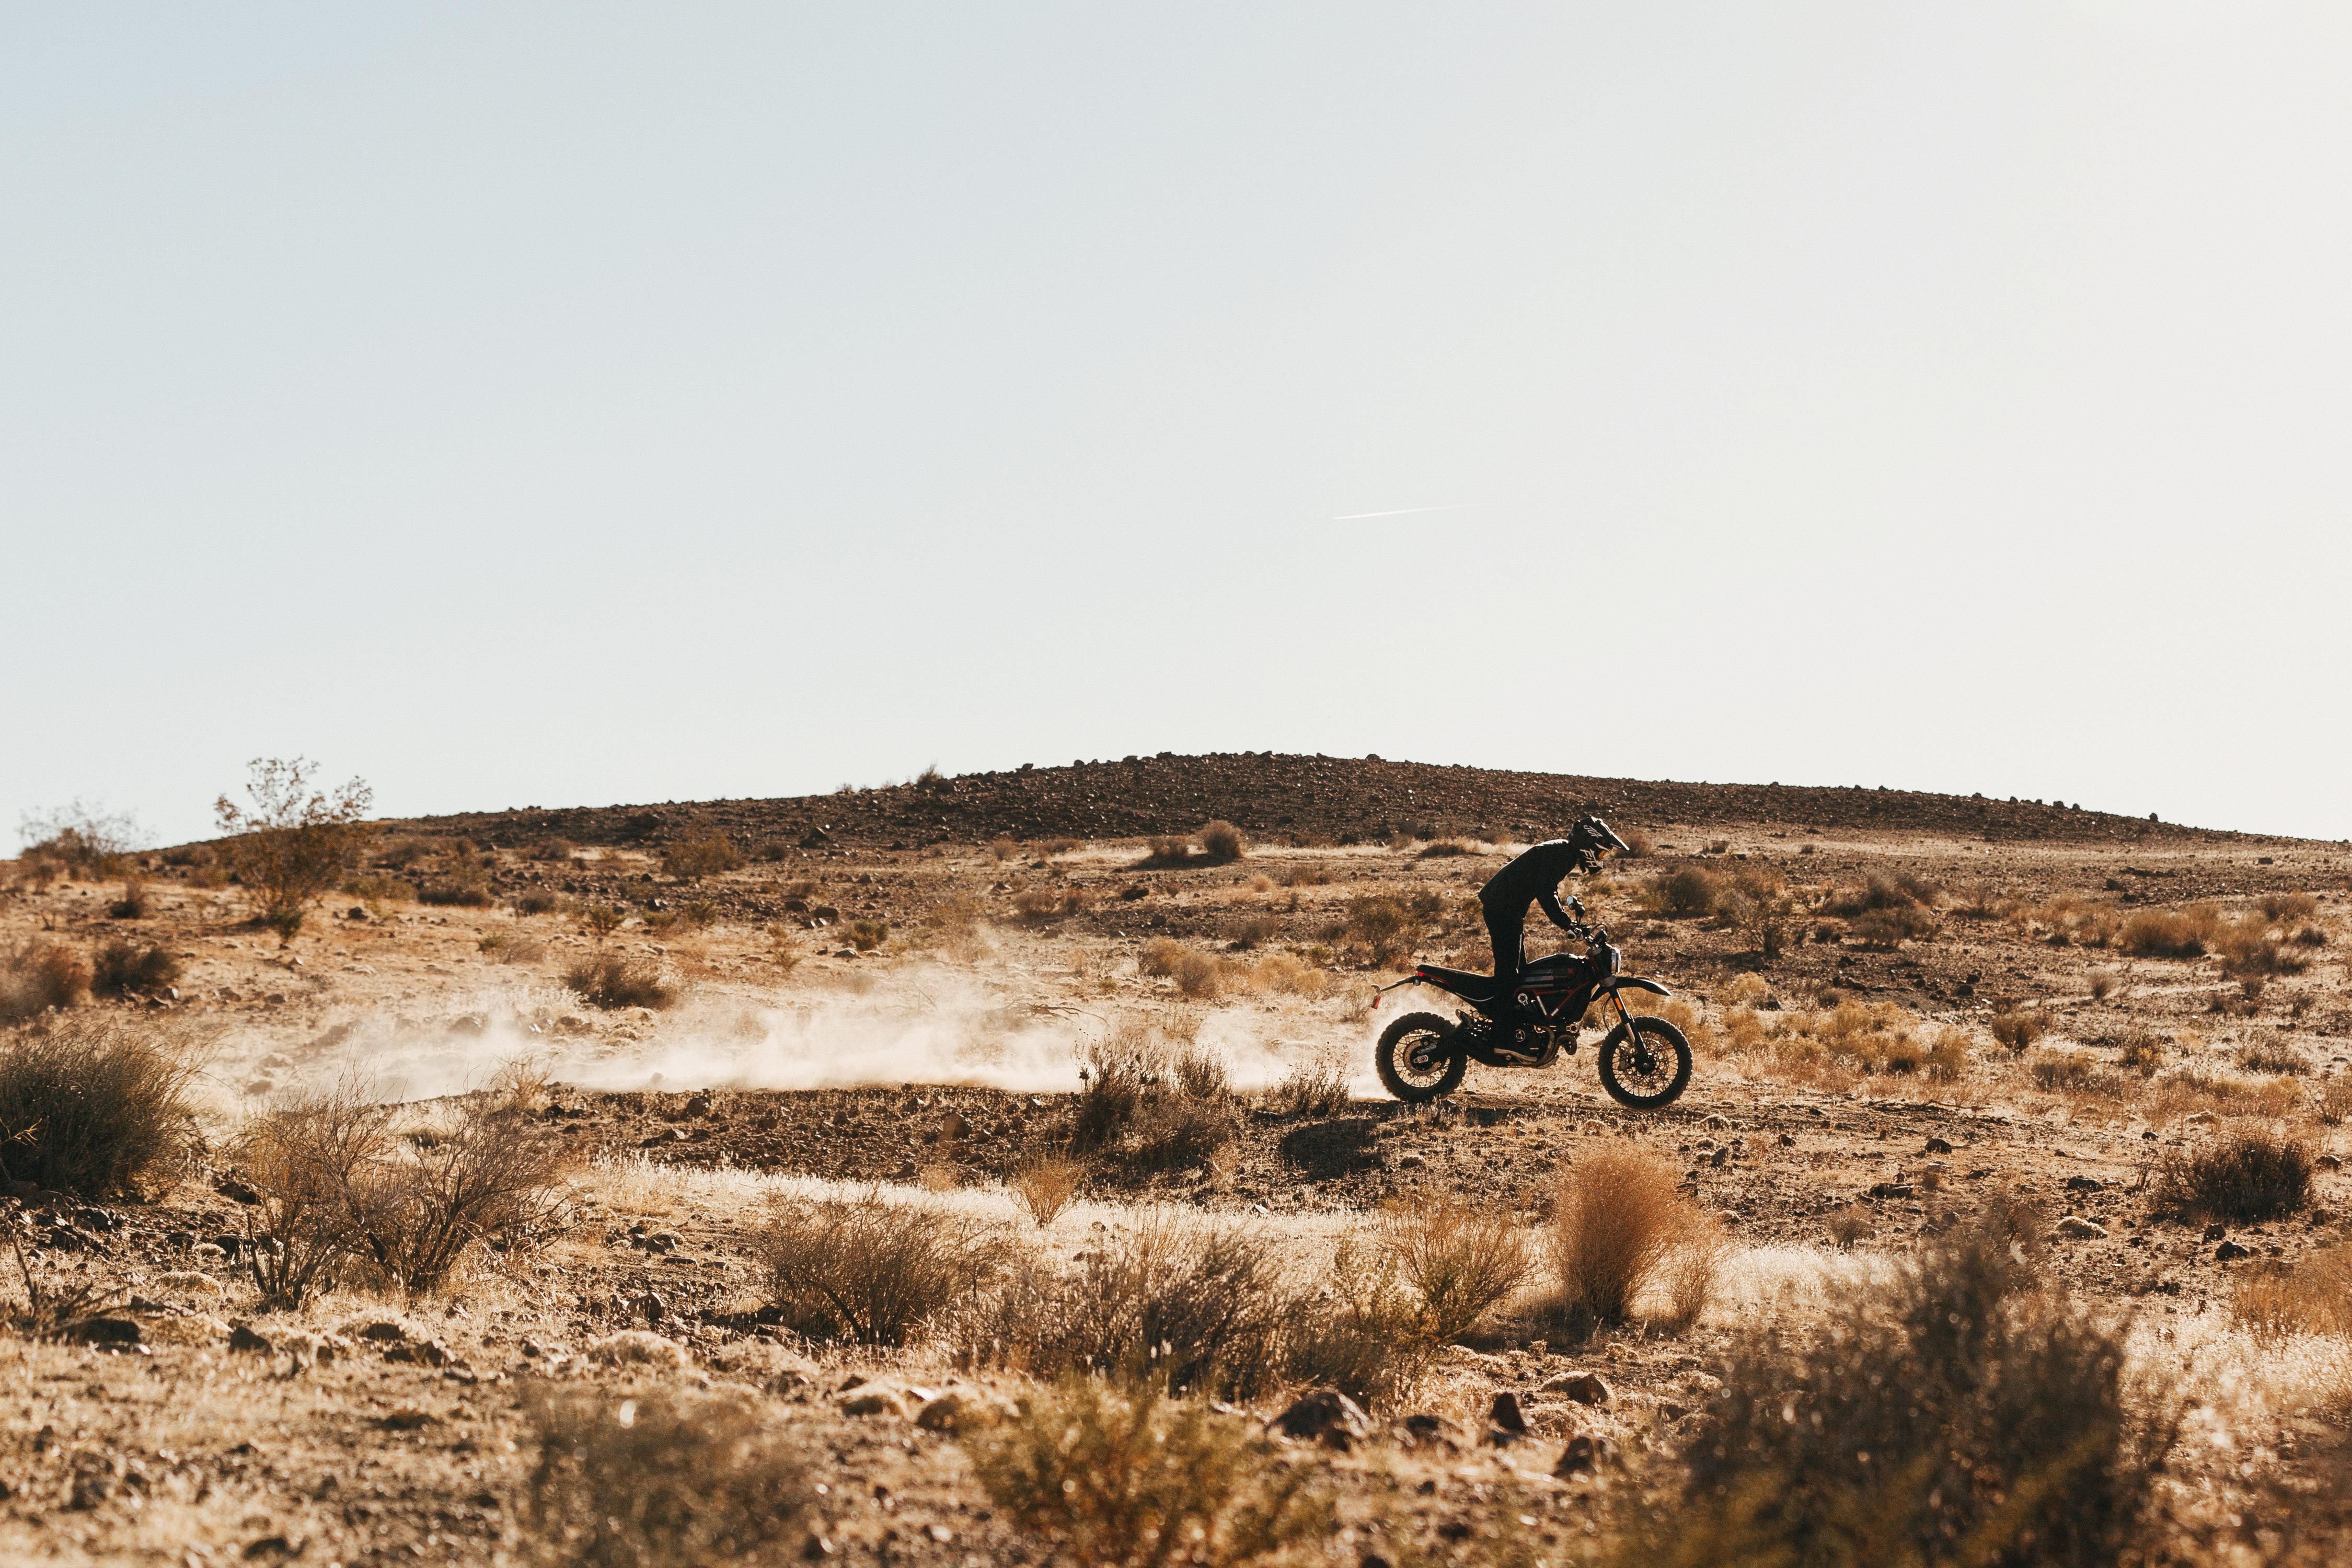 杜卡迪 Ducati沙漠雪橇Desert Sled限量800部、自游 Desert Sled Fasthouse(2)